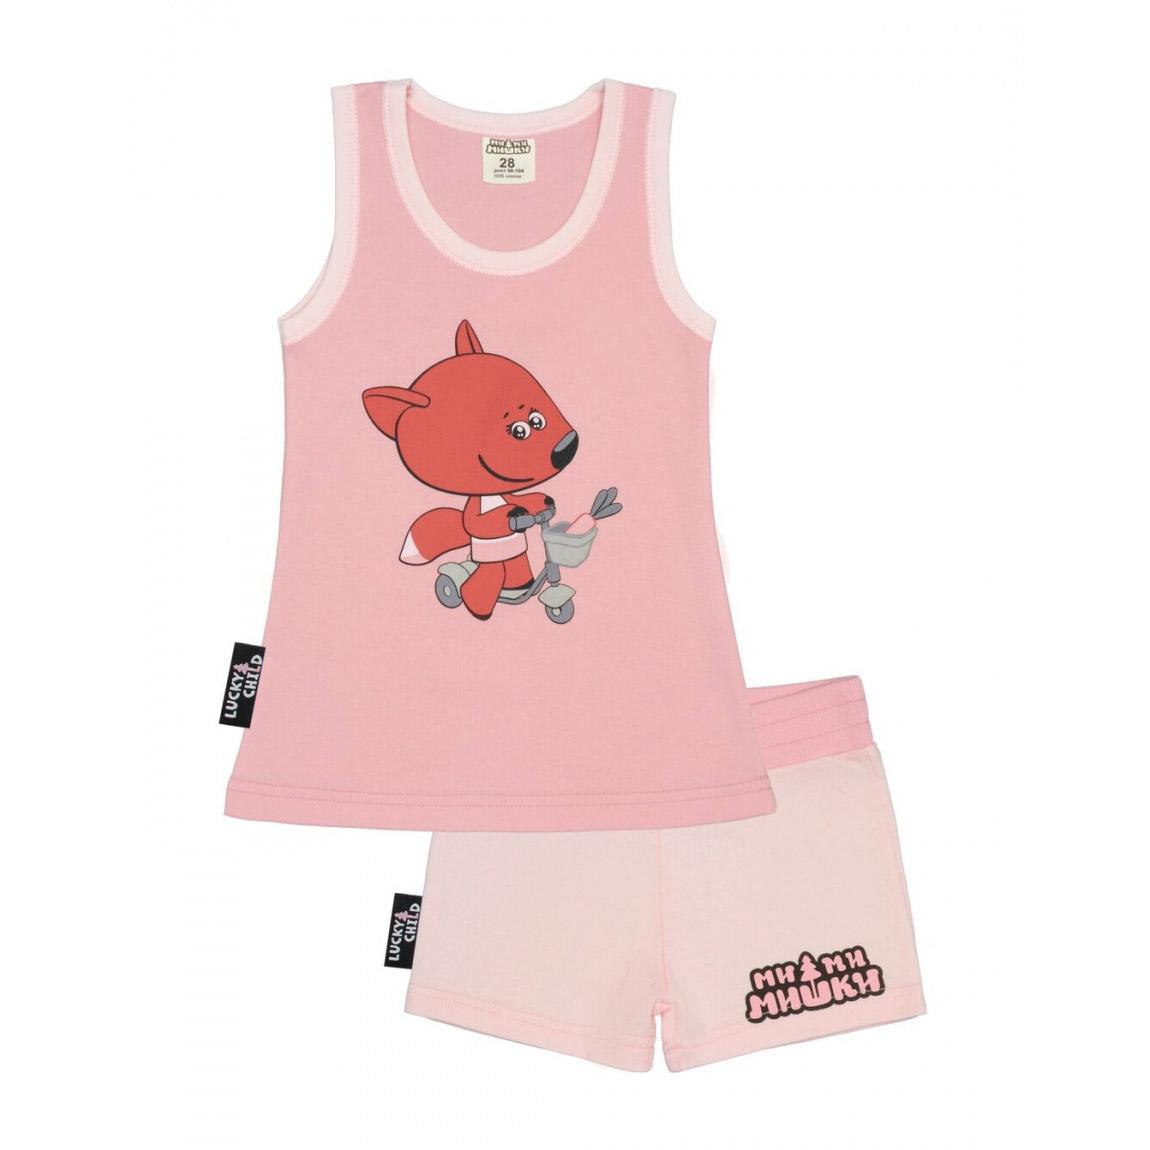 Купить Пижама с шортами Lucky Child МИ-МИ-МИШКИ розовая 128-134, Розовый, Интерлок, Для девочек, Всесезонный,